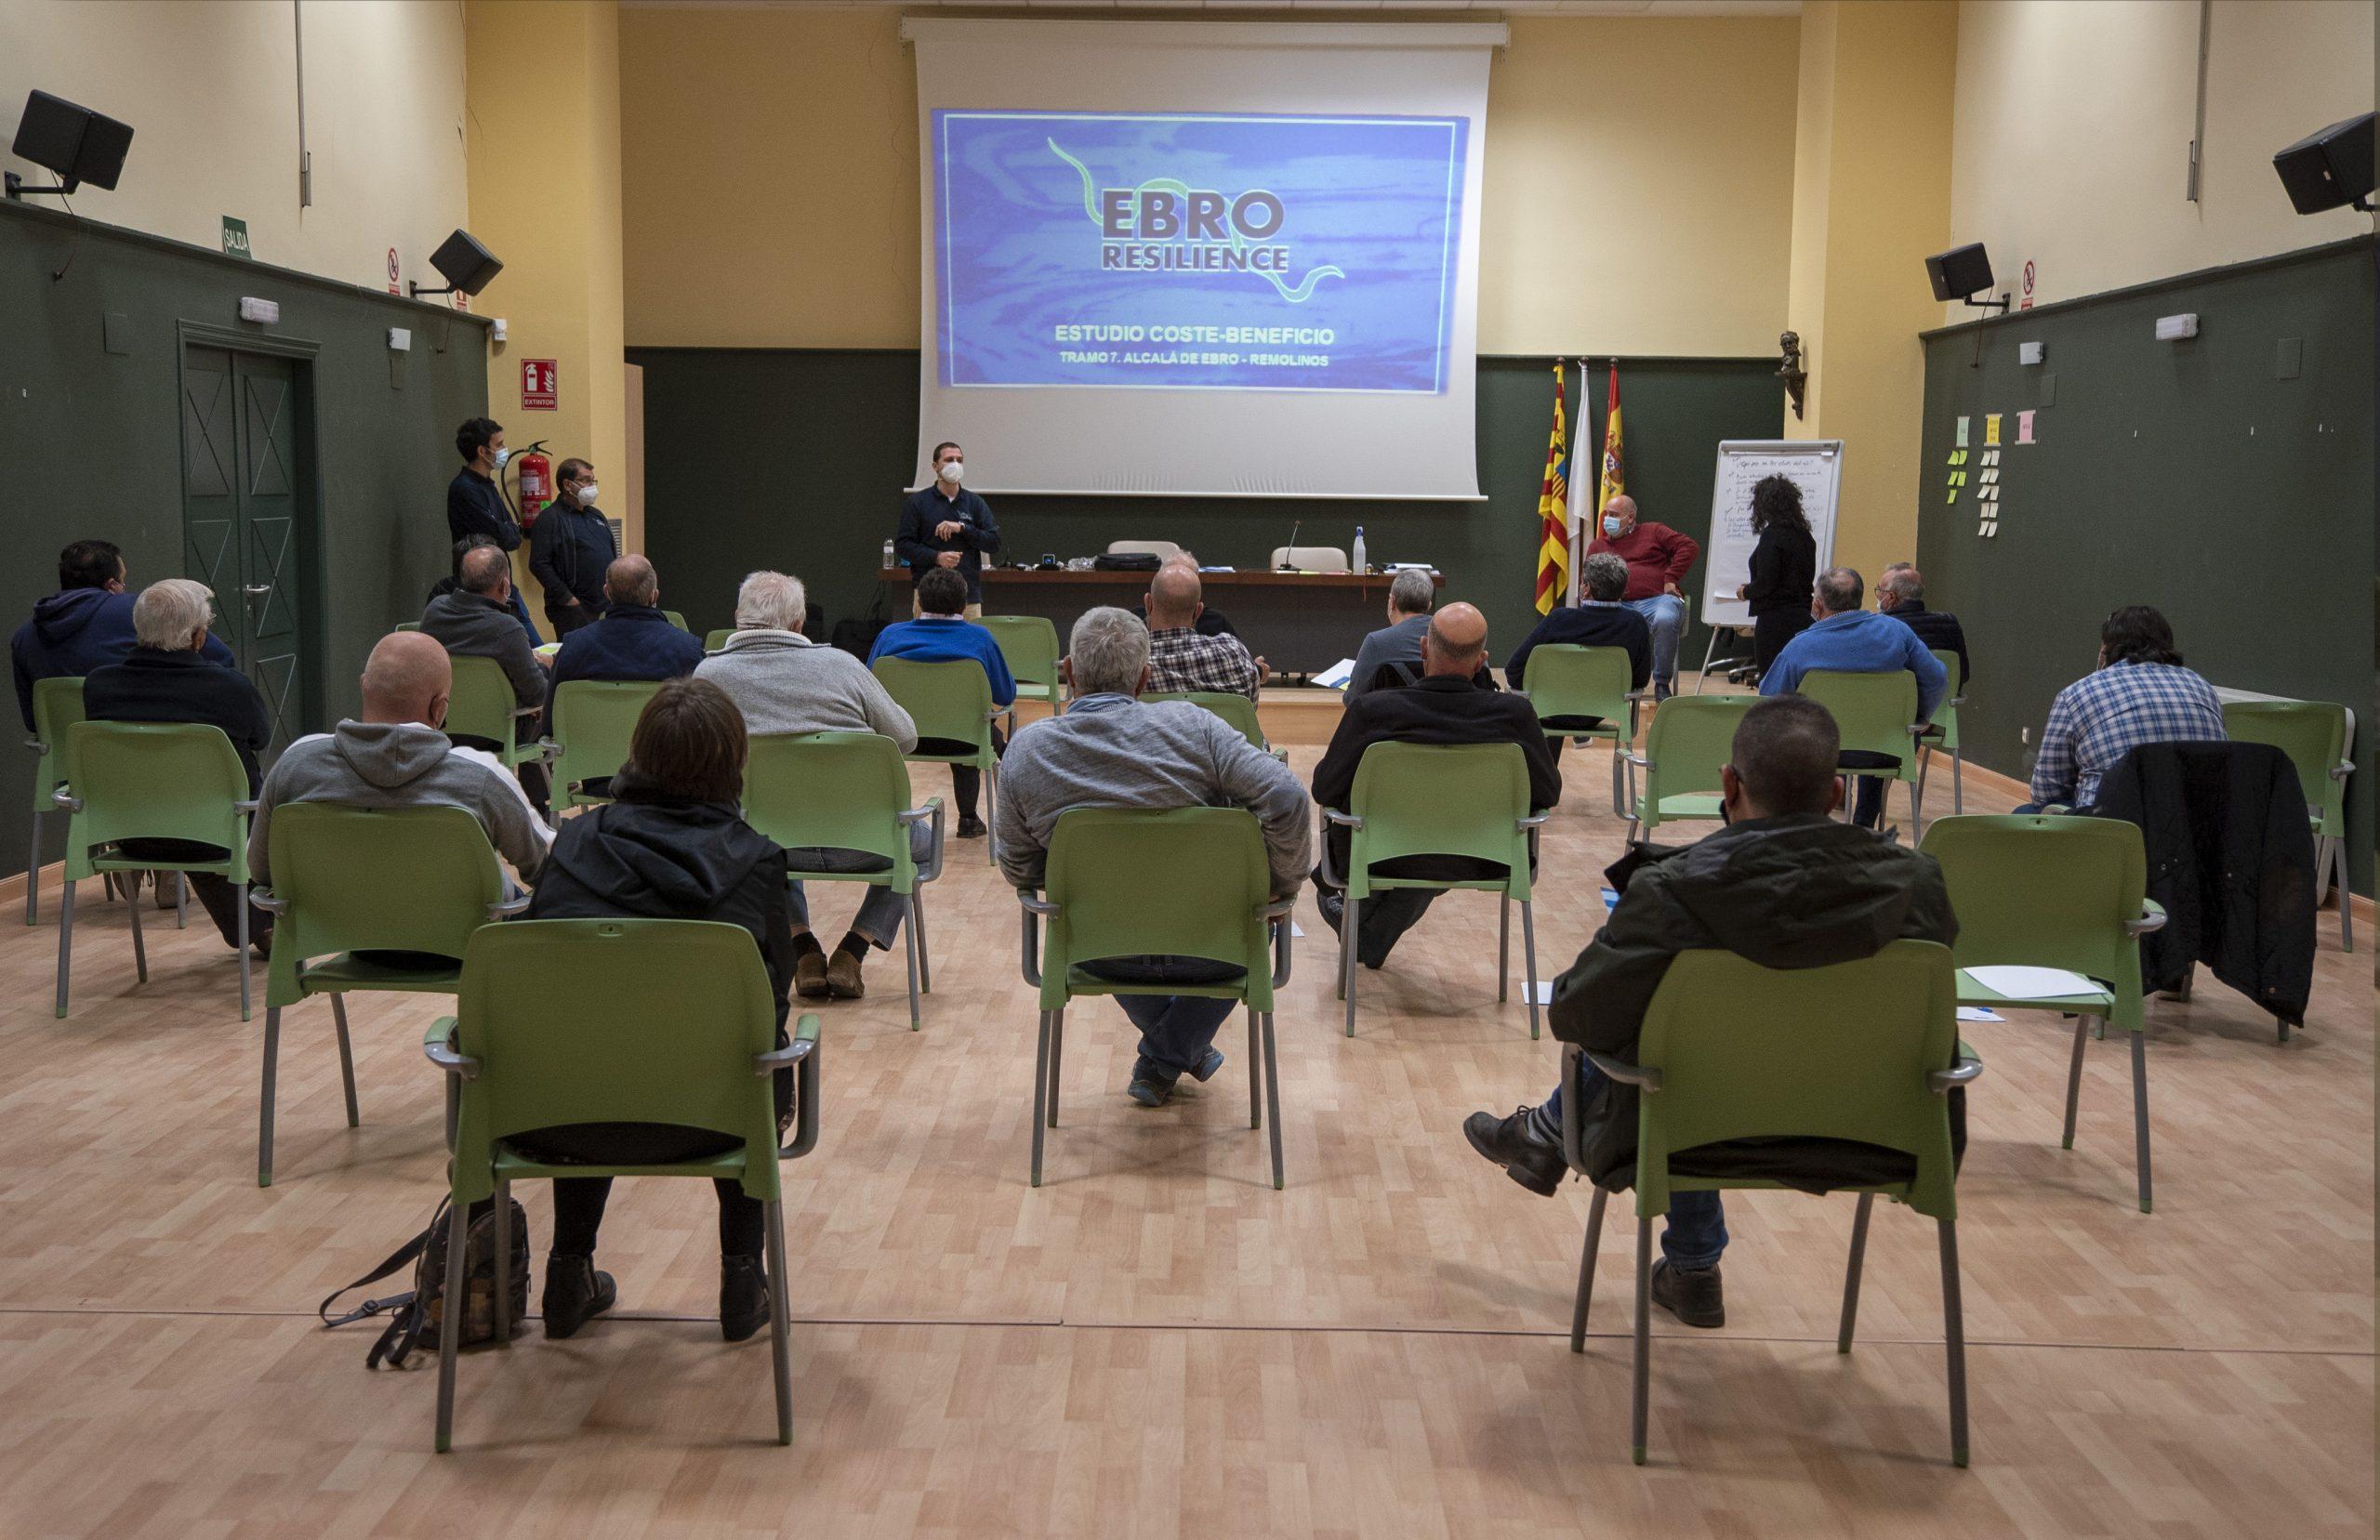 Ebro Resilience retoma los talleres presenciales con el dedicado al tramo Alcalá de Ebro-Remolinos